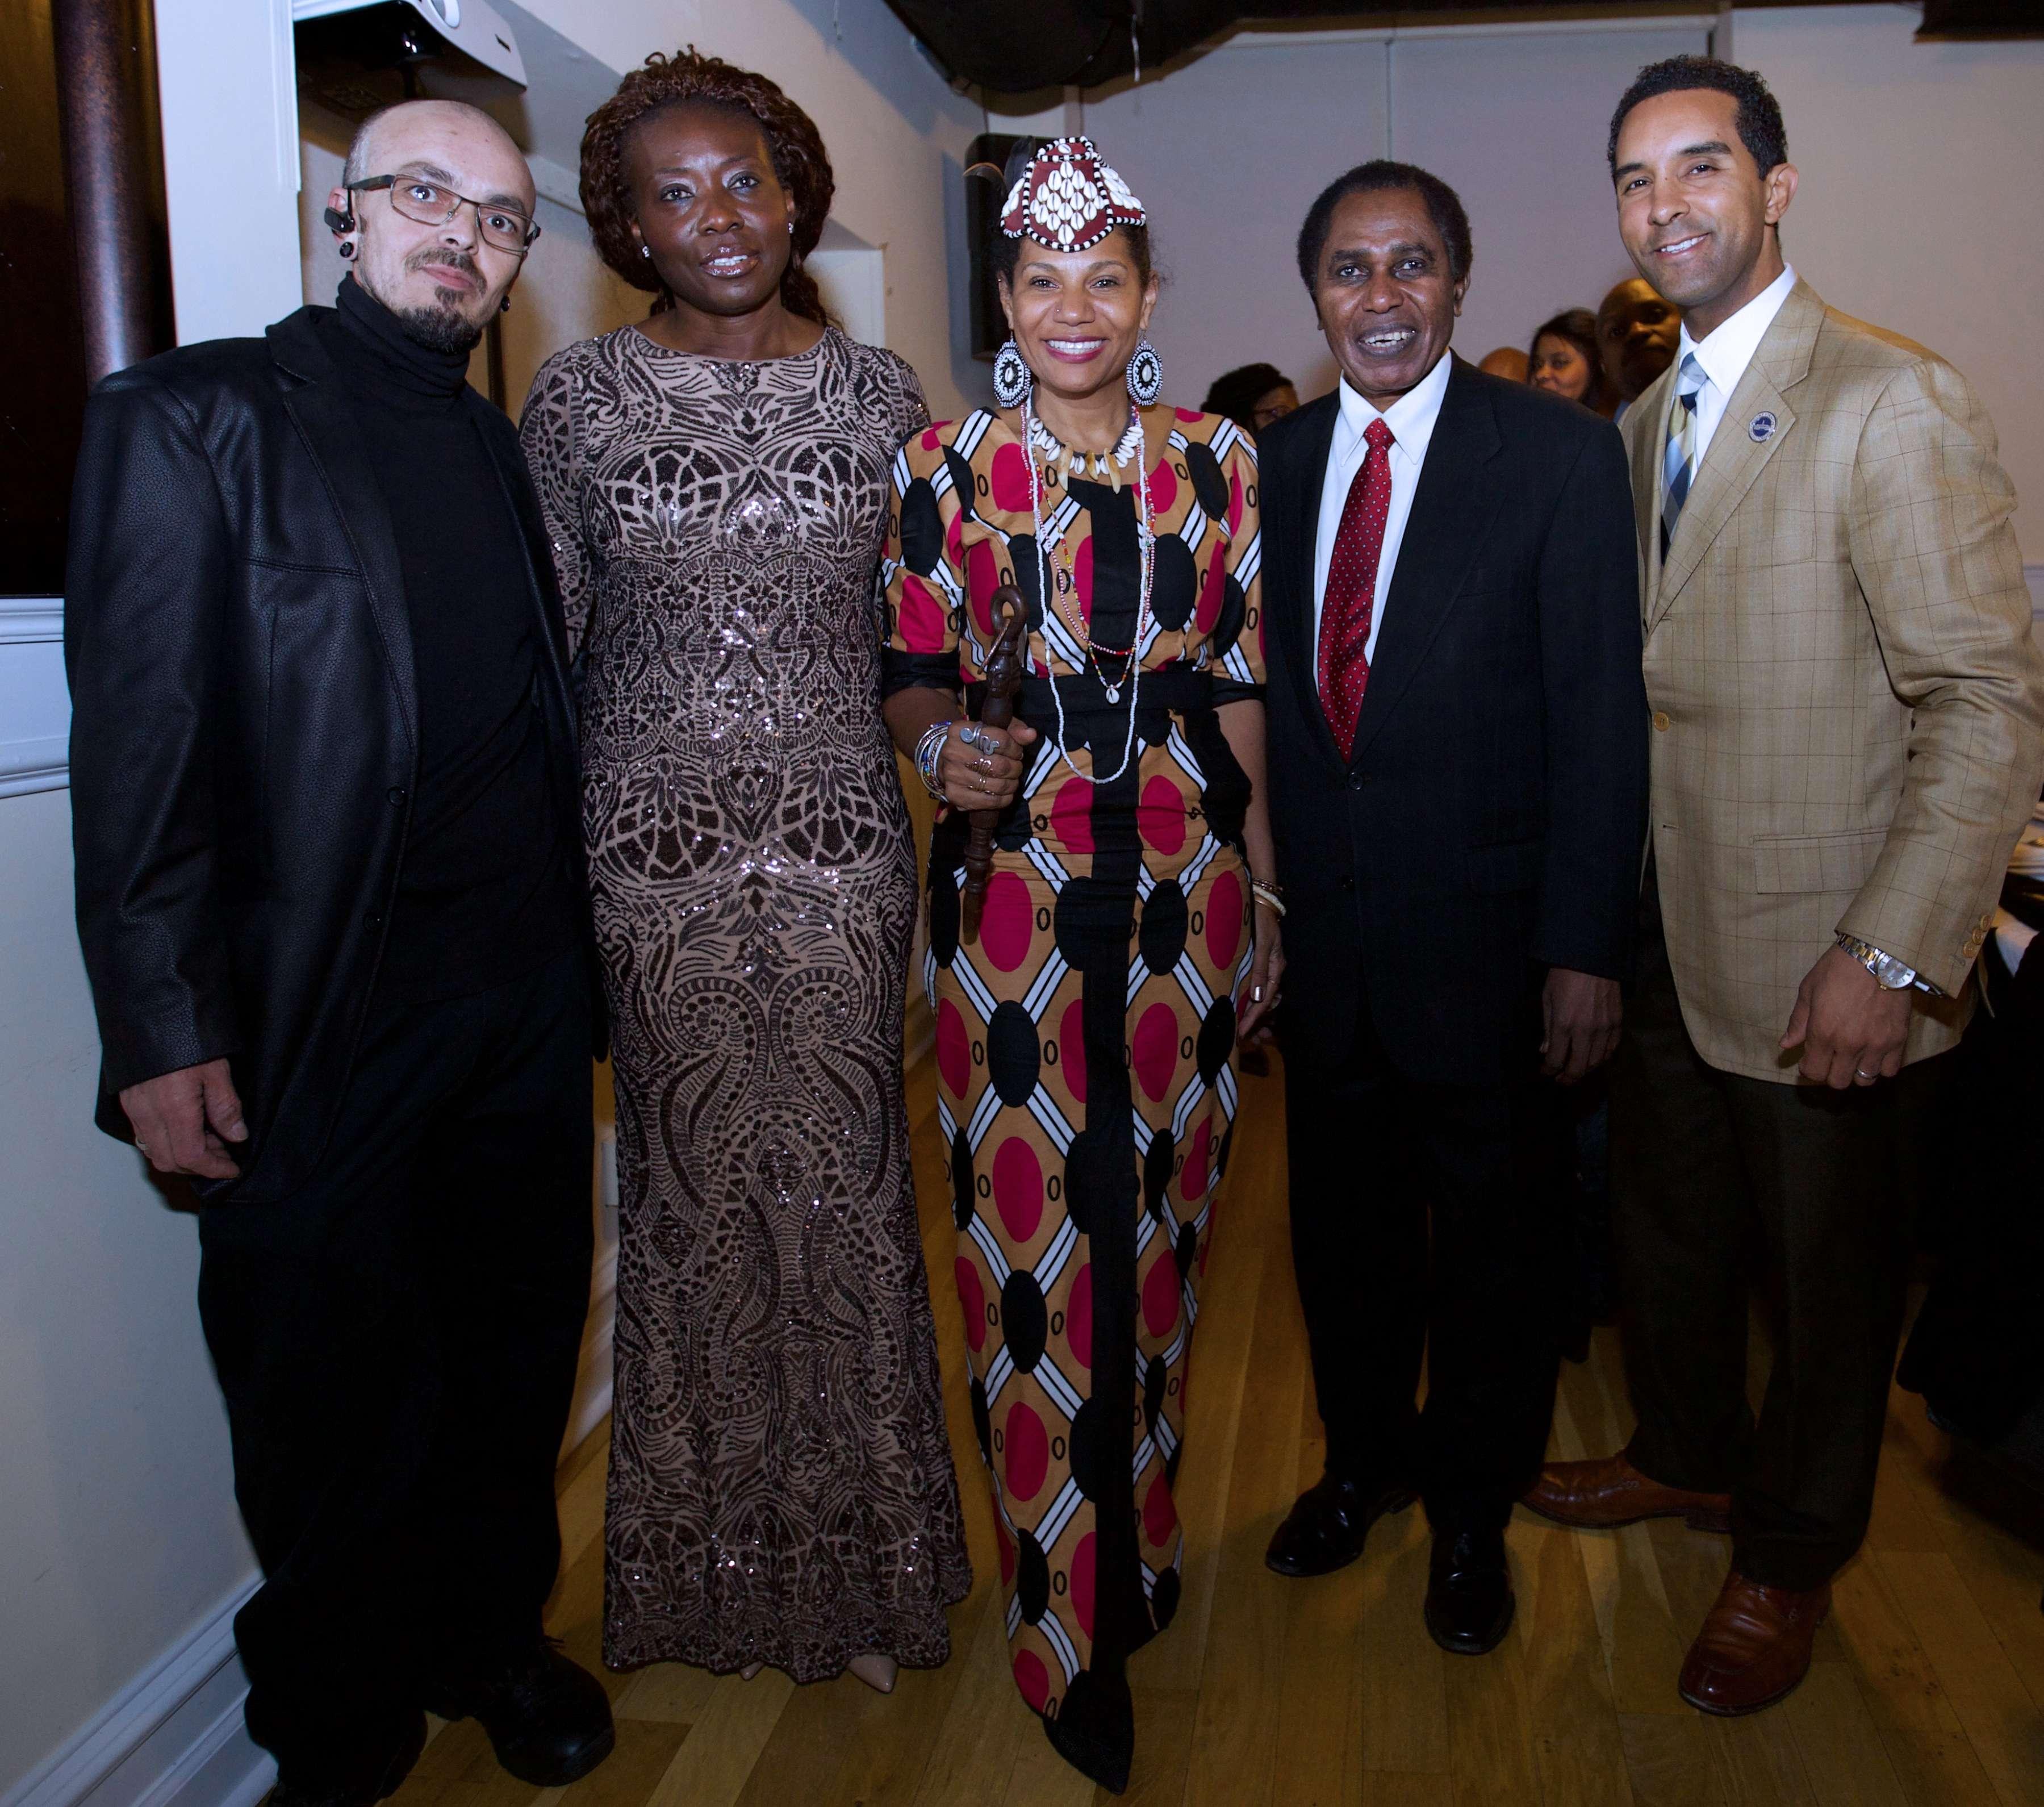 Rainha do Congo em visita a Nova Iorque